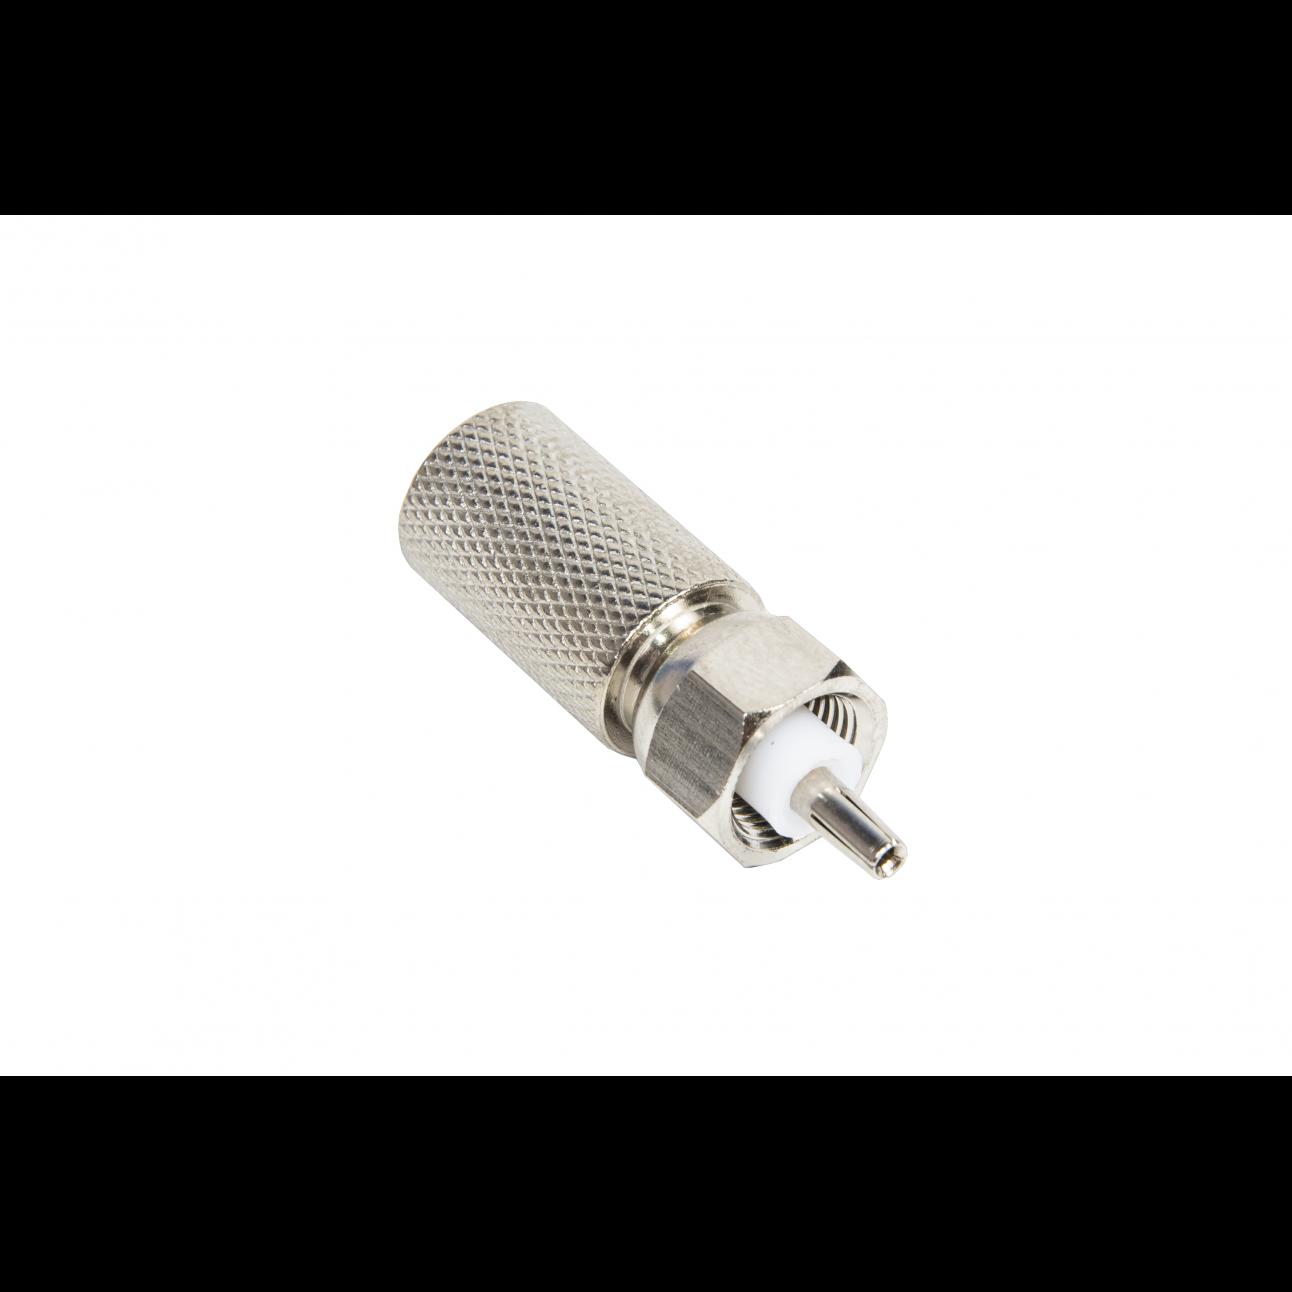 Разъем F-RG11 резьбовой с пином SNR, 100шт